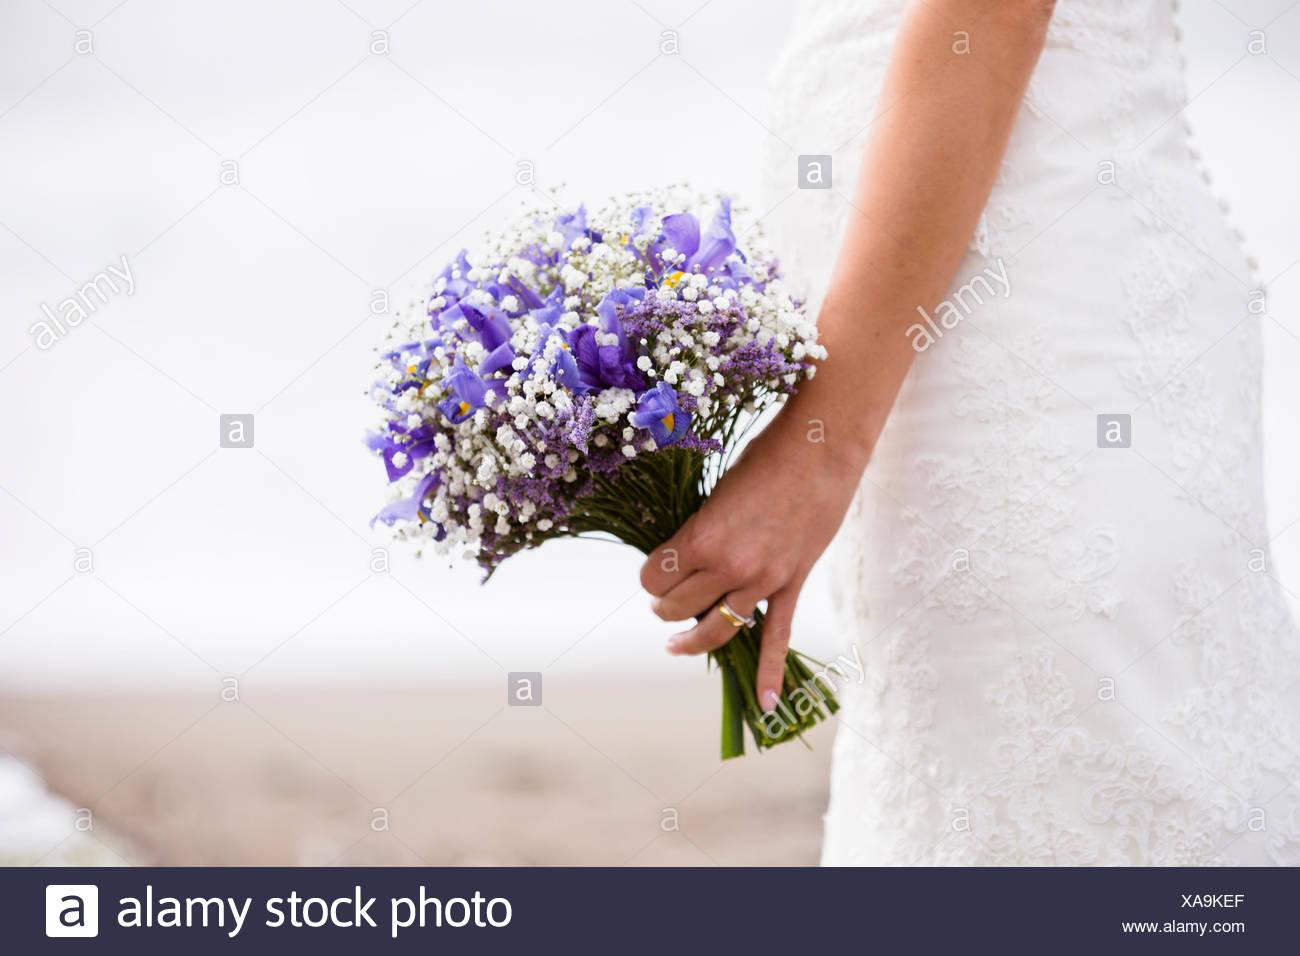 Nahaufnahme von einer Braut hält einen Blumenstrauß Stockfoto